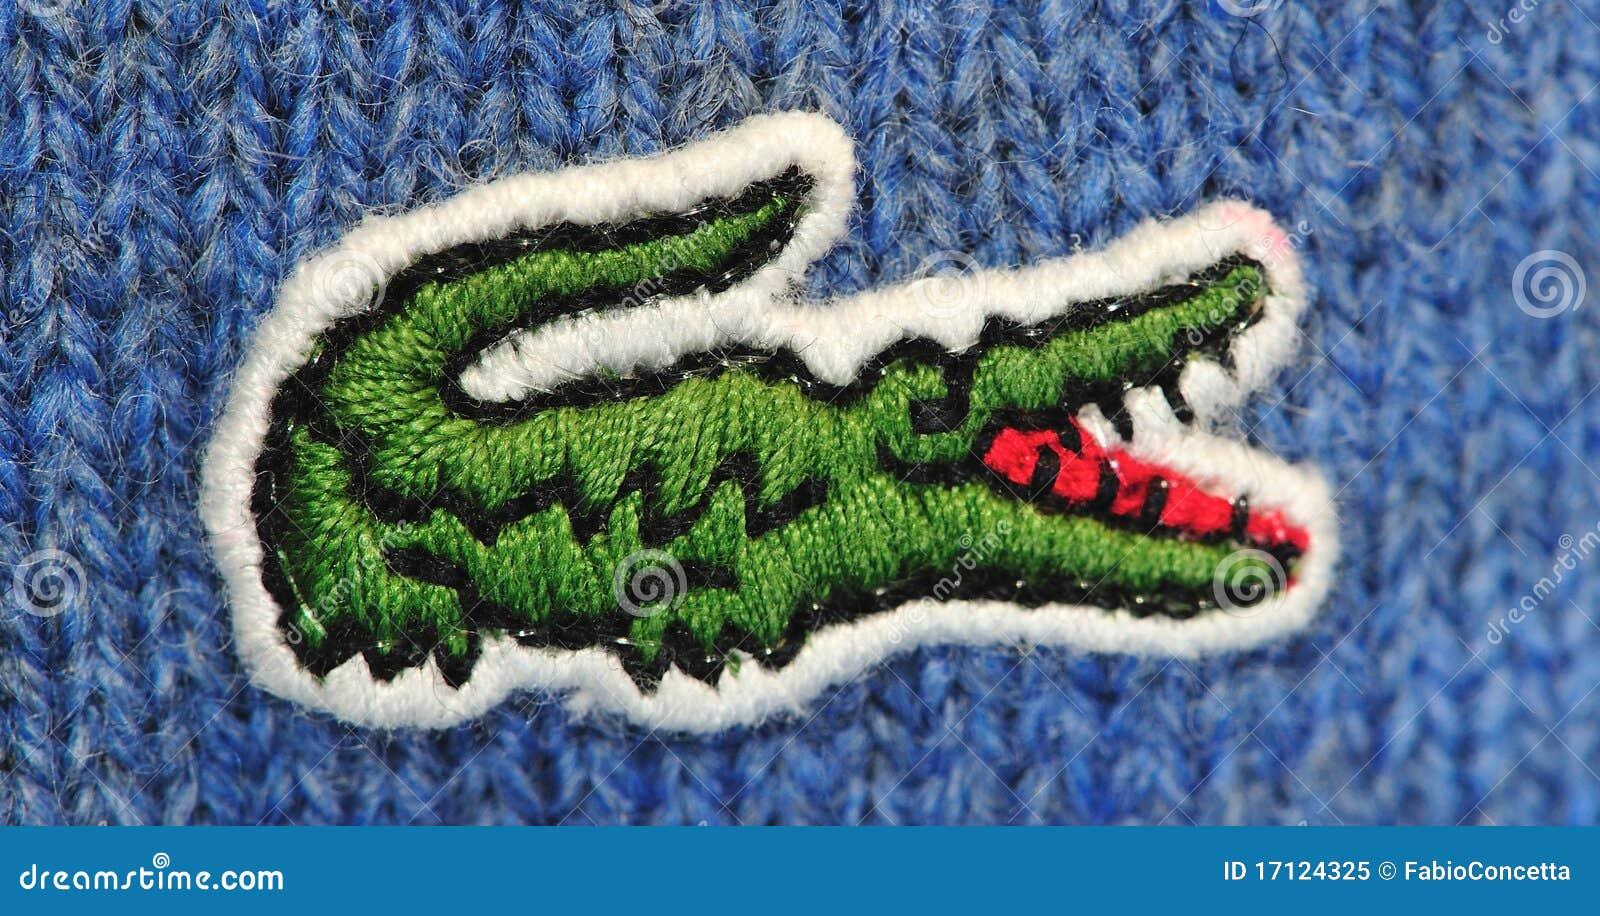 thumbs.dreamstime.com/z/logo-de-lacoste-17124325.jpg